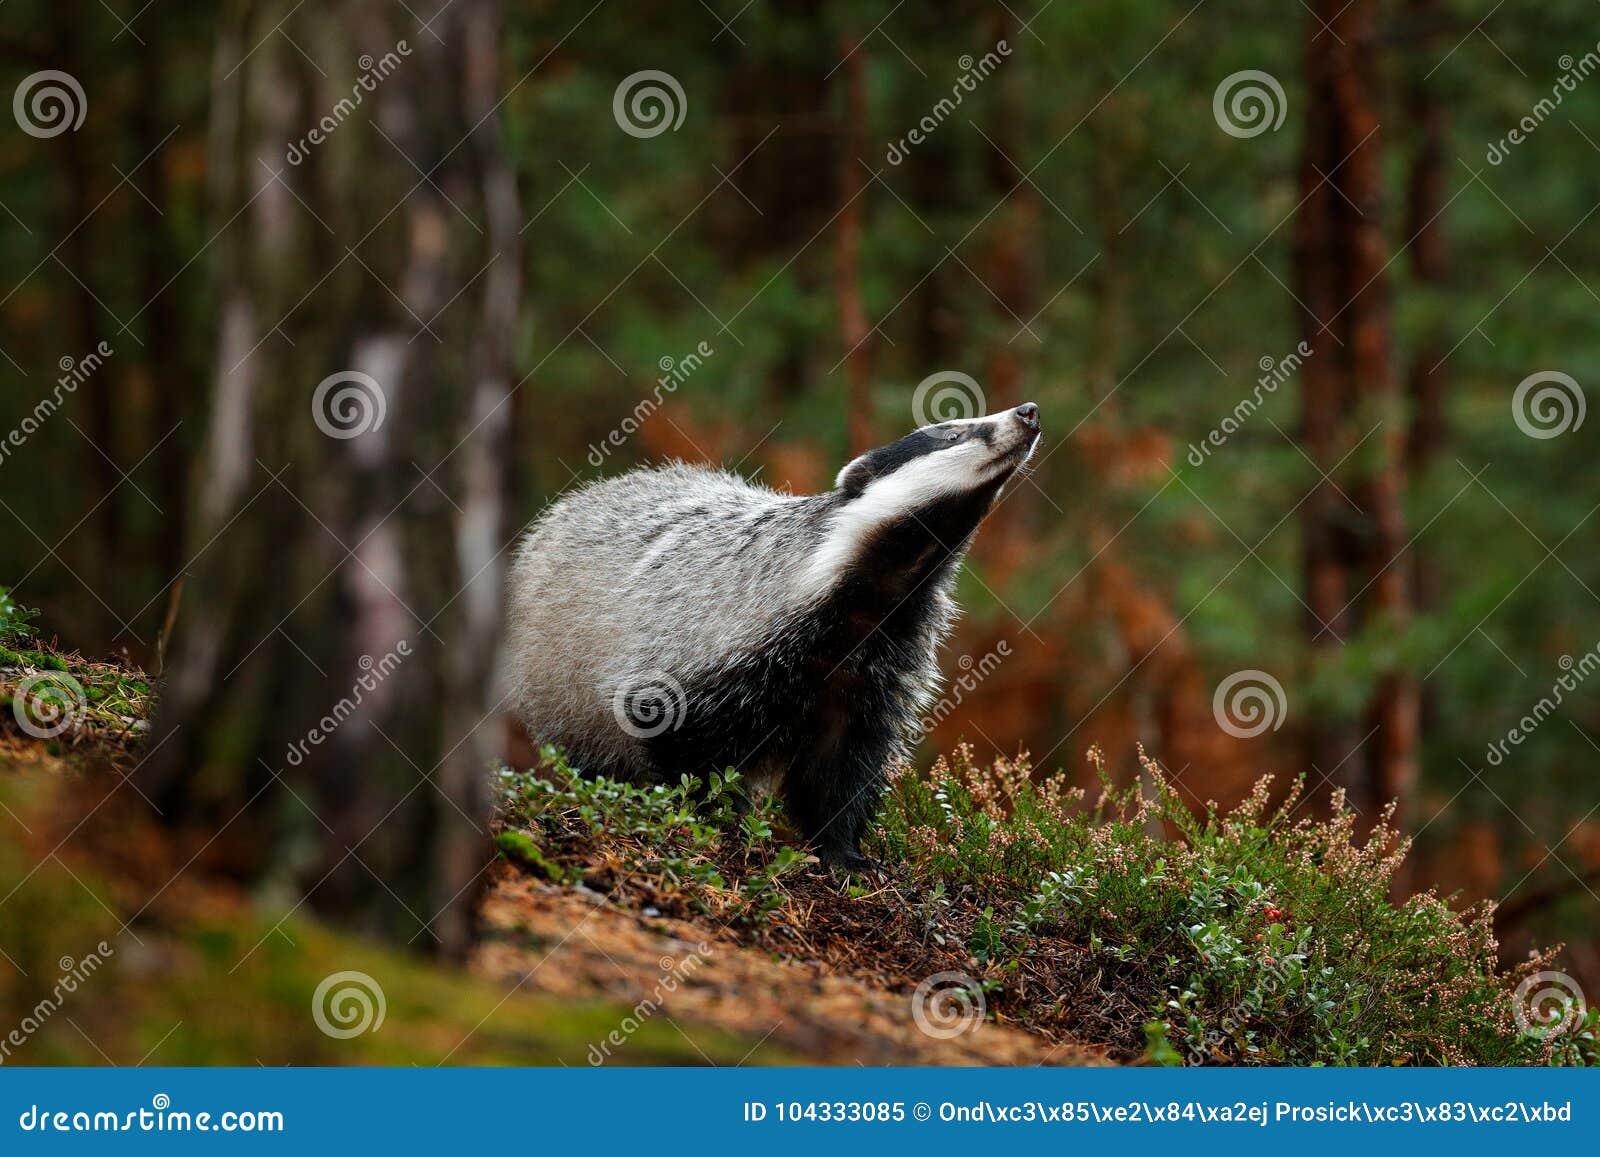 Dachs im Wald, Tiernaturlebensraum, Deutschland, Europa Szene der wild lebenden Tiere Wilder Dachs, Meles Meles, Tier im Holz Eur